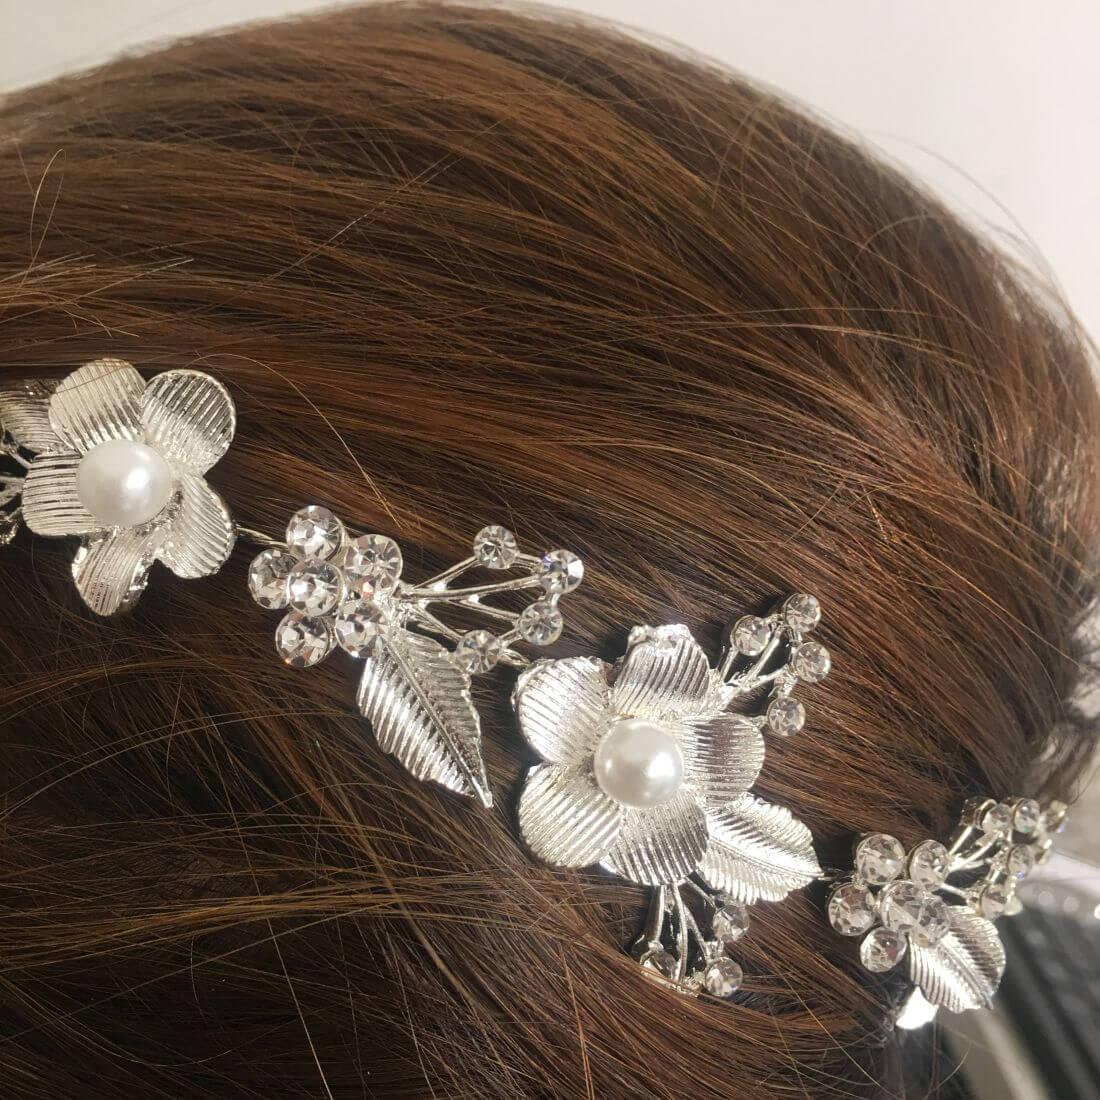 Decorazione acconciatura capelli fiori con - Negozio Online Coco 2 7be952add60c